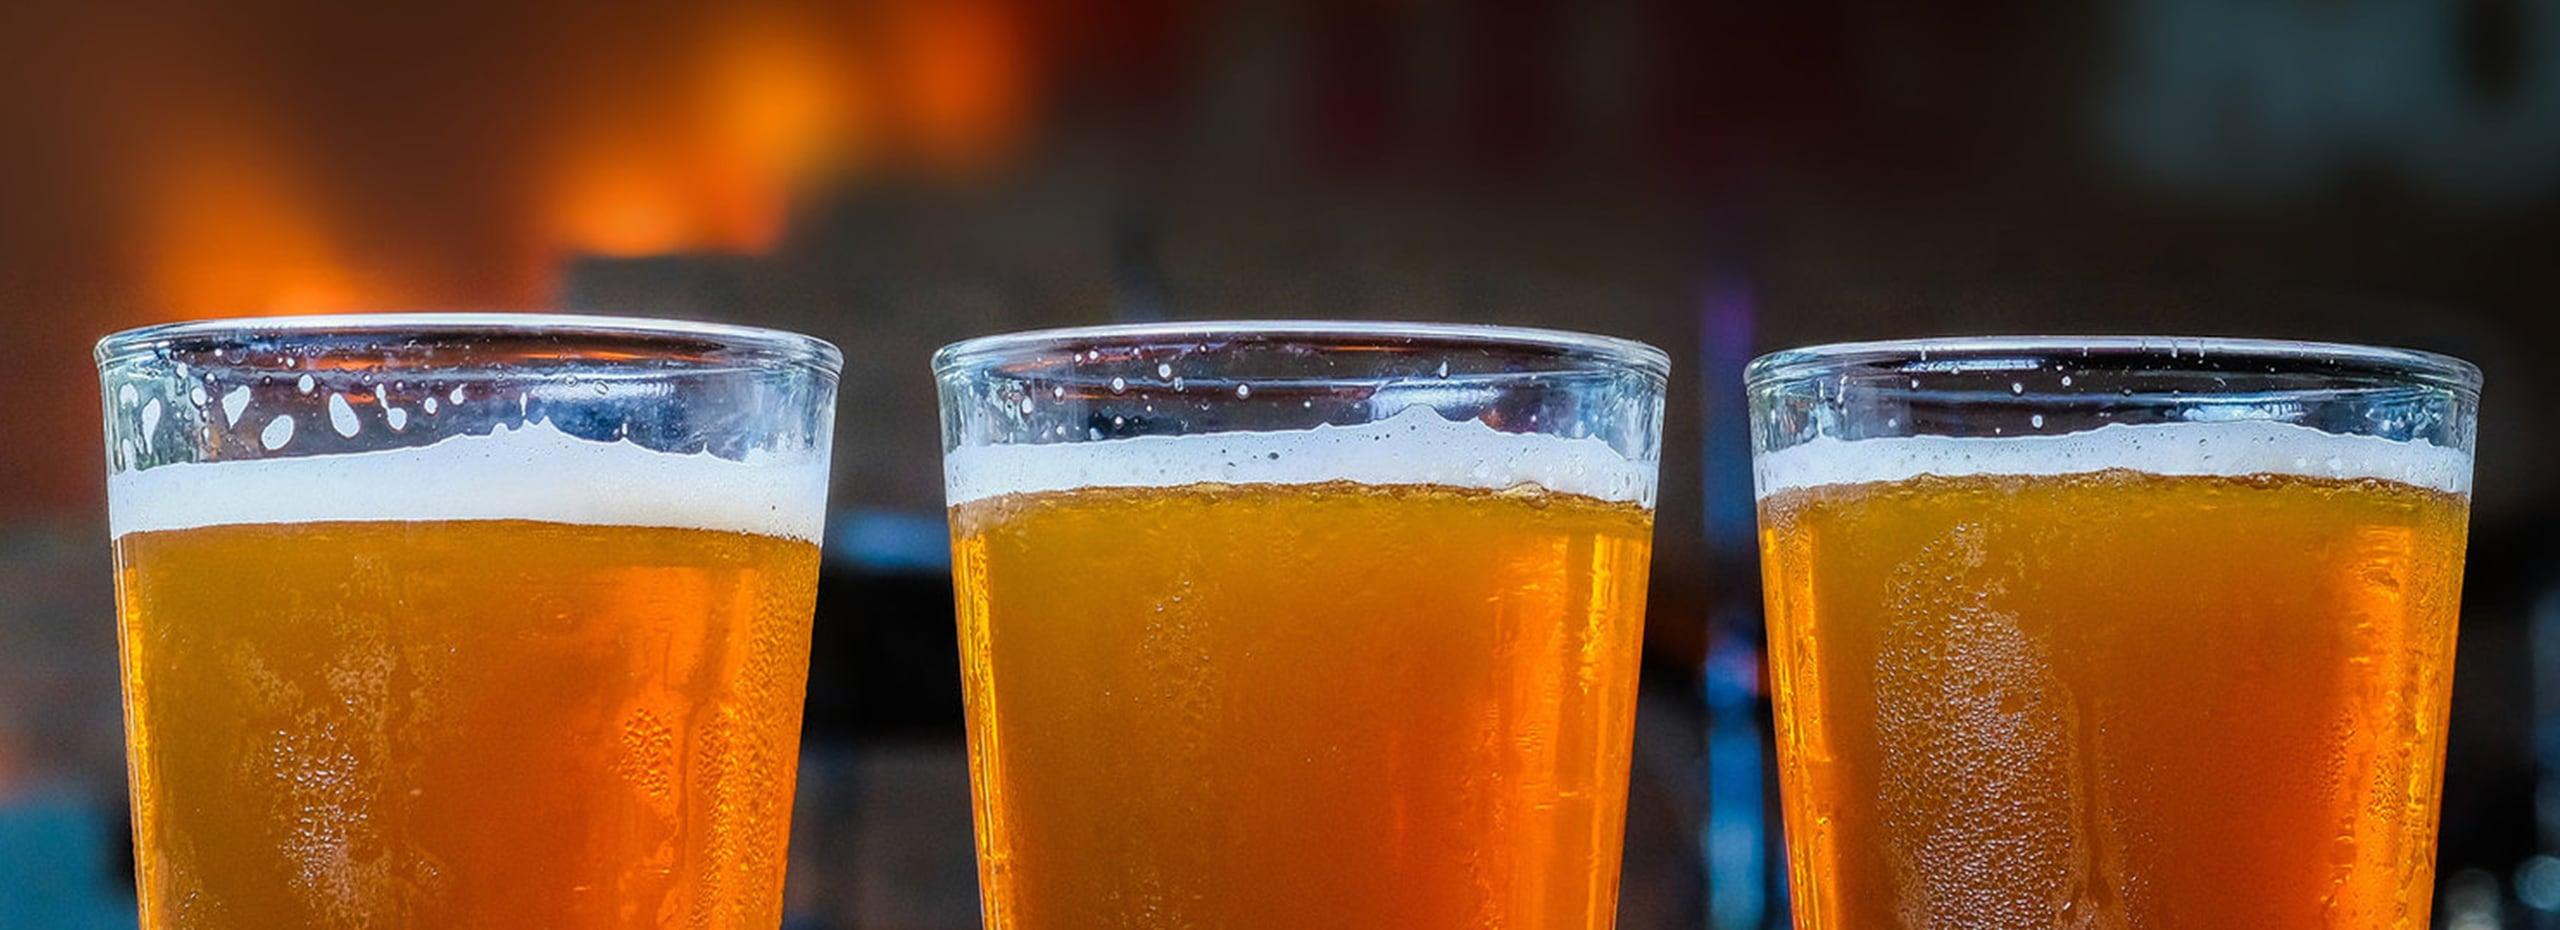 Qual a temperatura ideal para a cerveja?